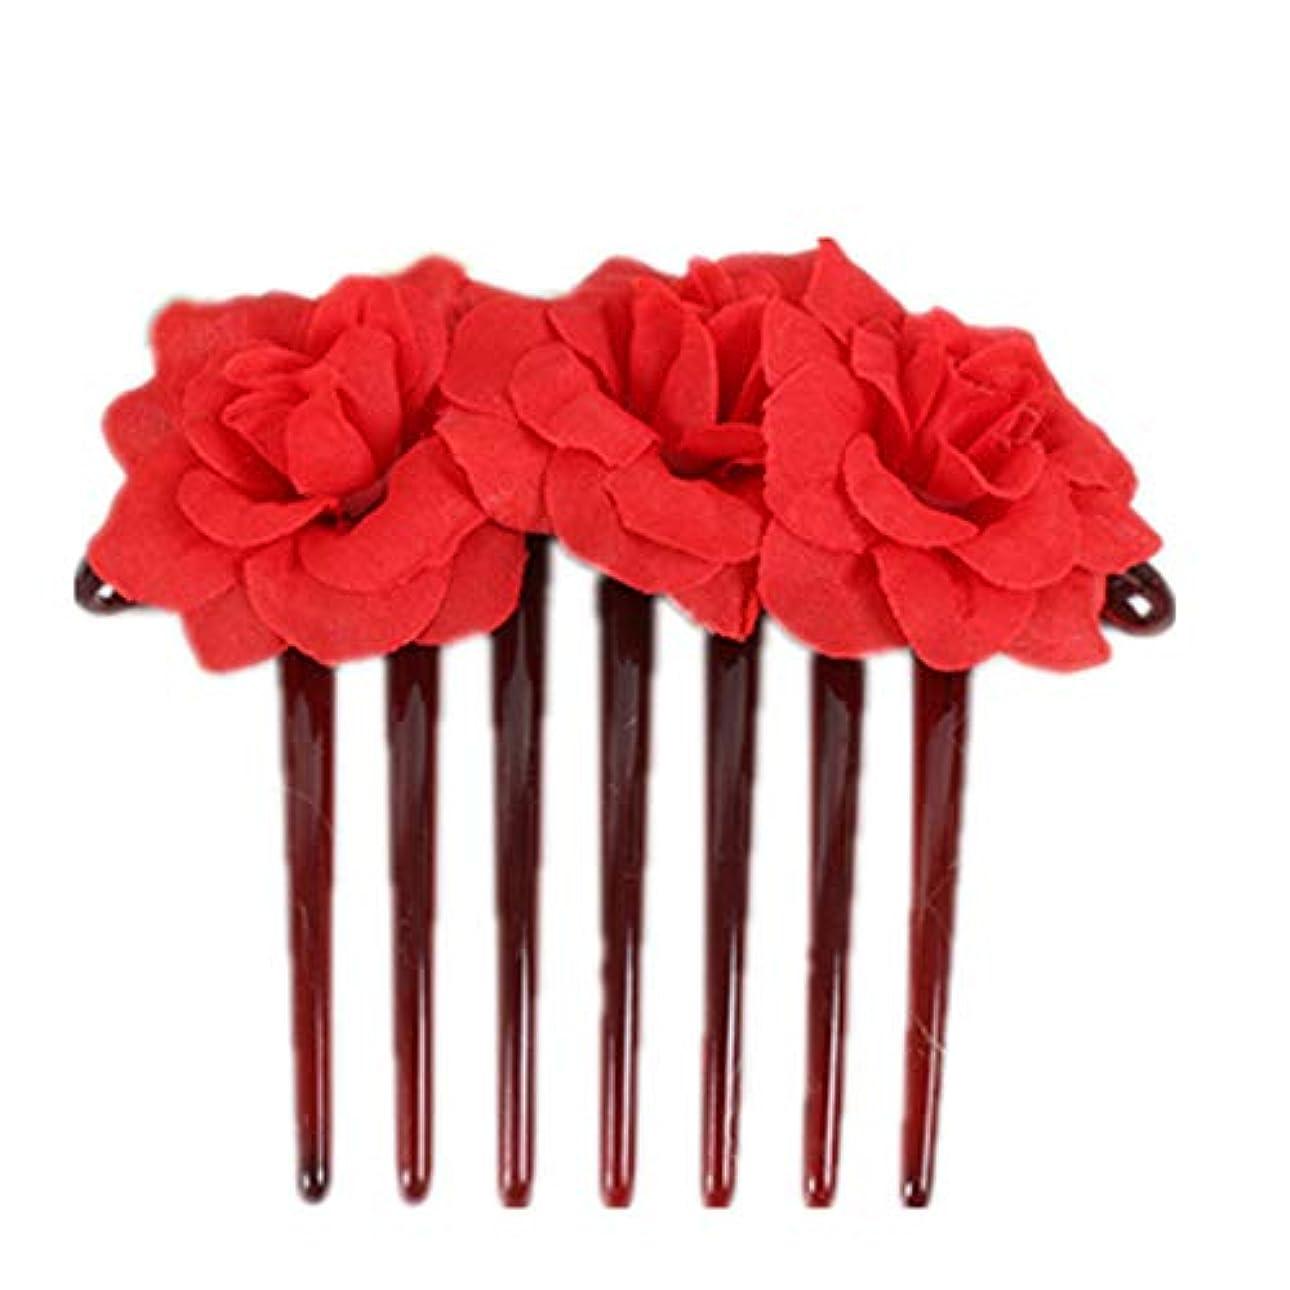 池頑張る報奨金1st market プレミアム品質シミュレーション花花嫁の髪櫛頭飾りヘアピンクリップ櫛スタイリングアクセサリー、赤